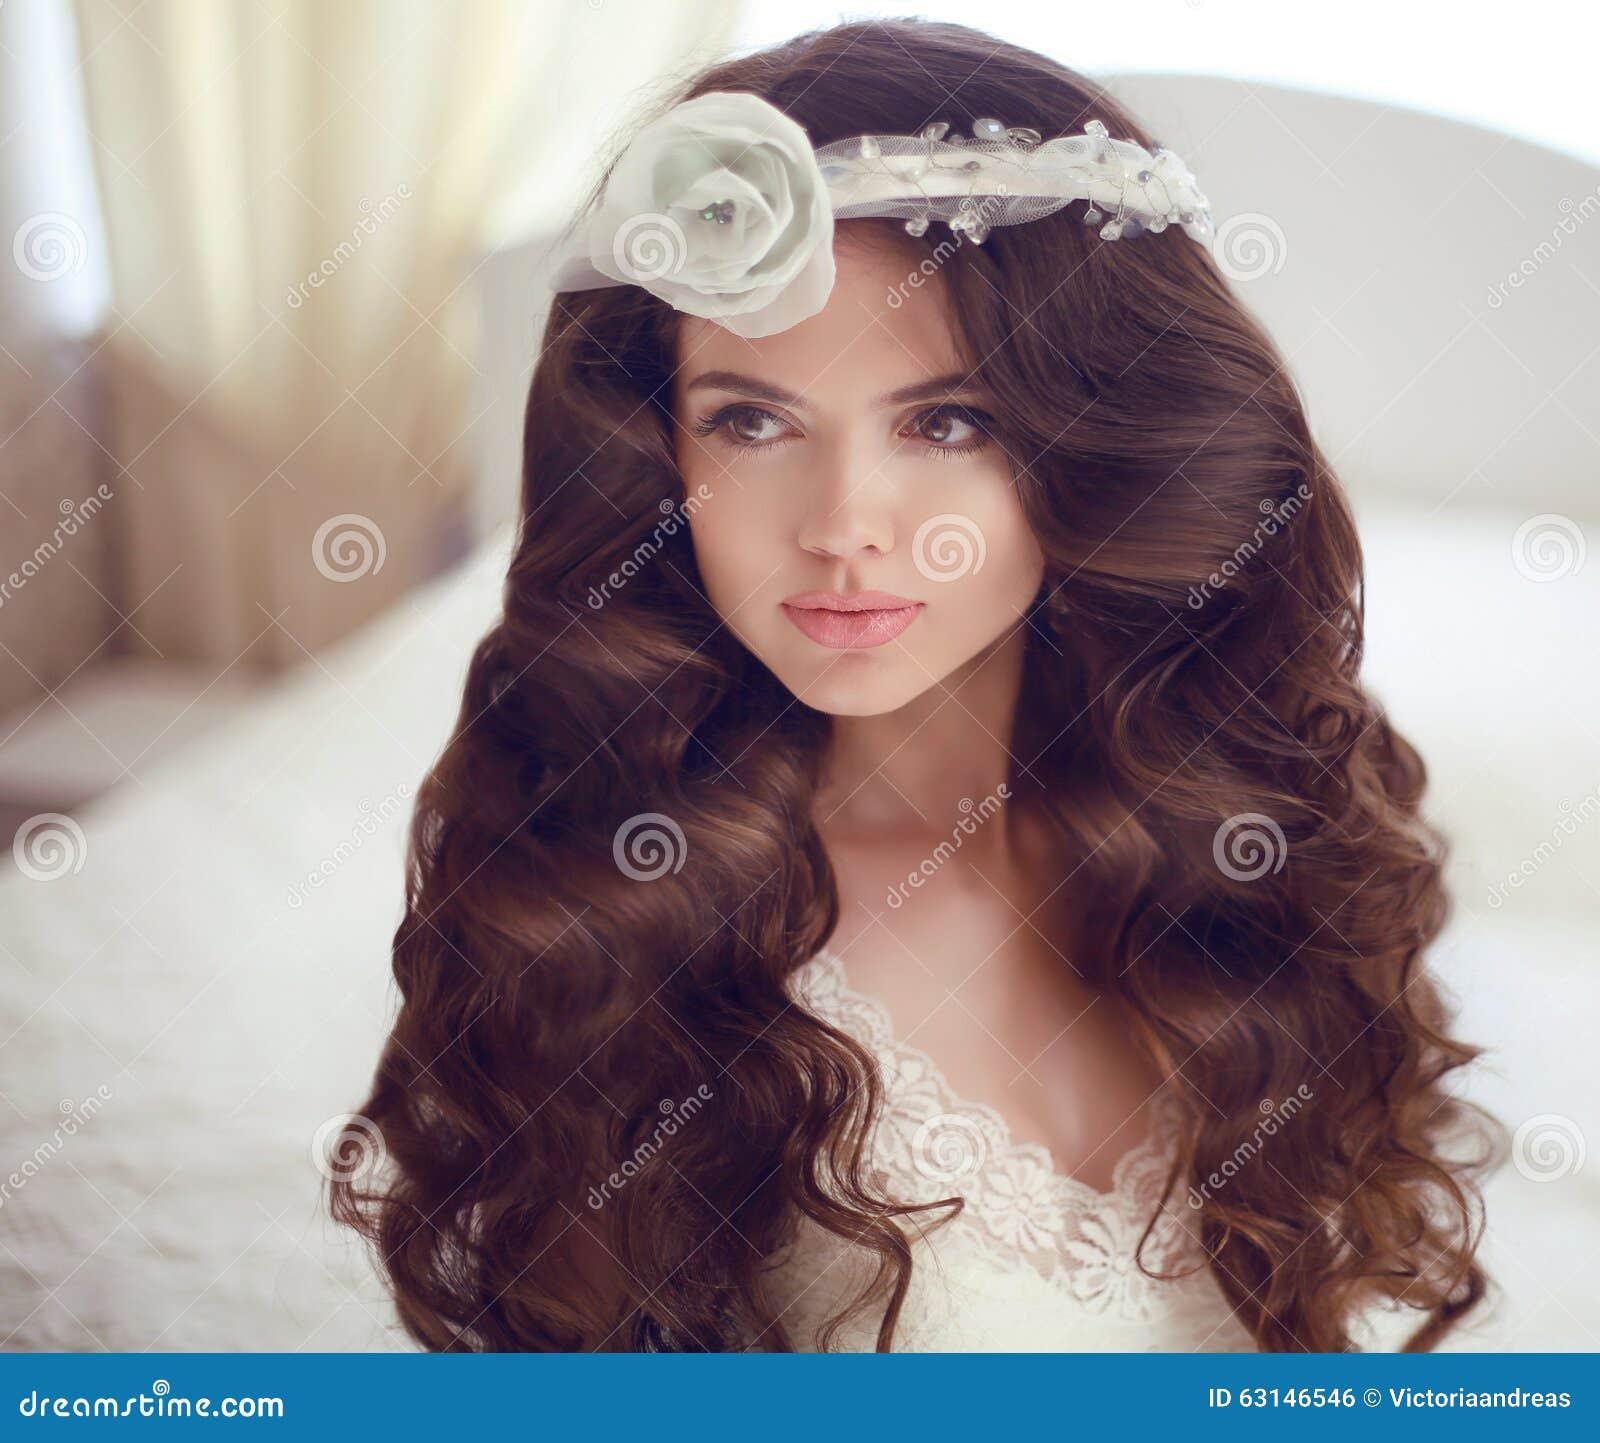 Erstellen Sie Portrait eines netten Baumusters mit schönen Verriegelungen ein Profil Schönes Brunettebraut-Mädchenmodell mit lang